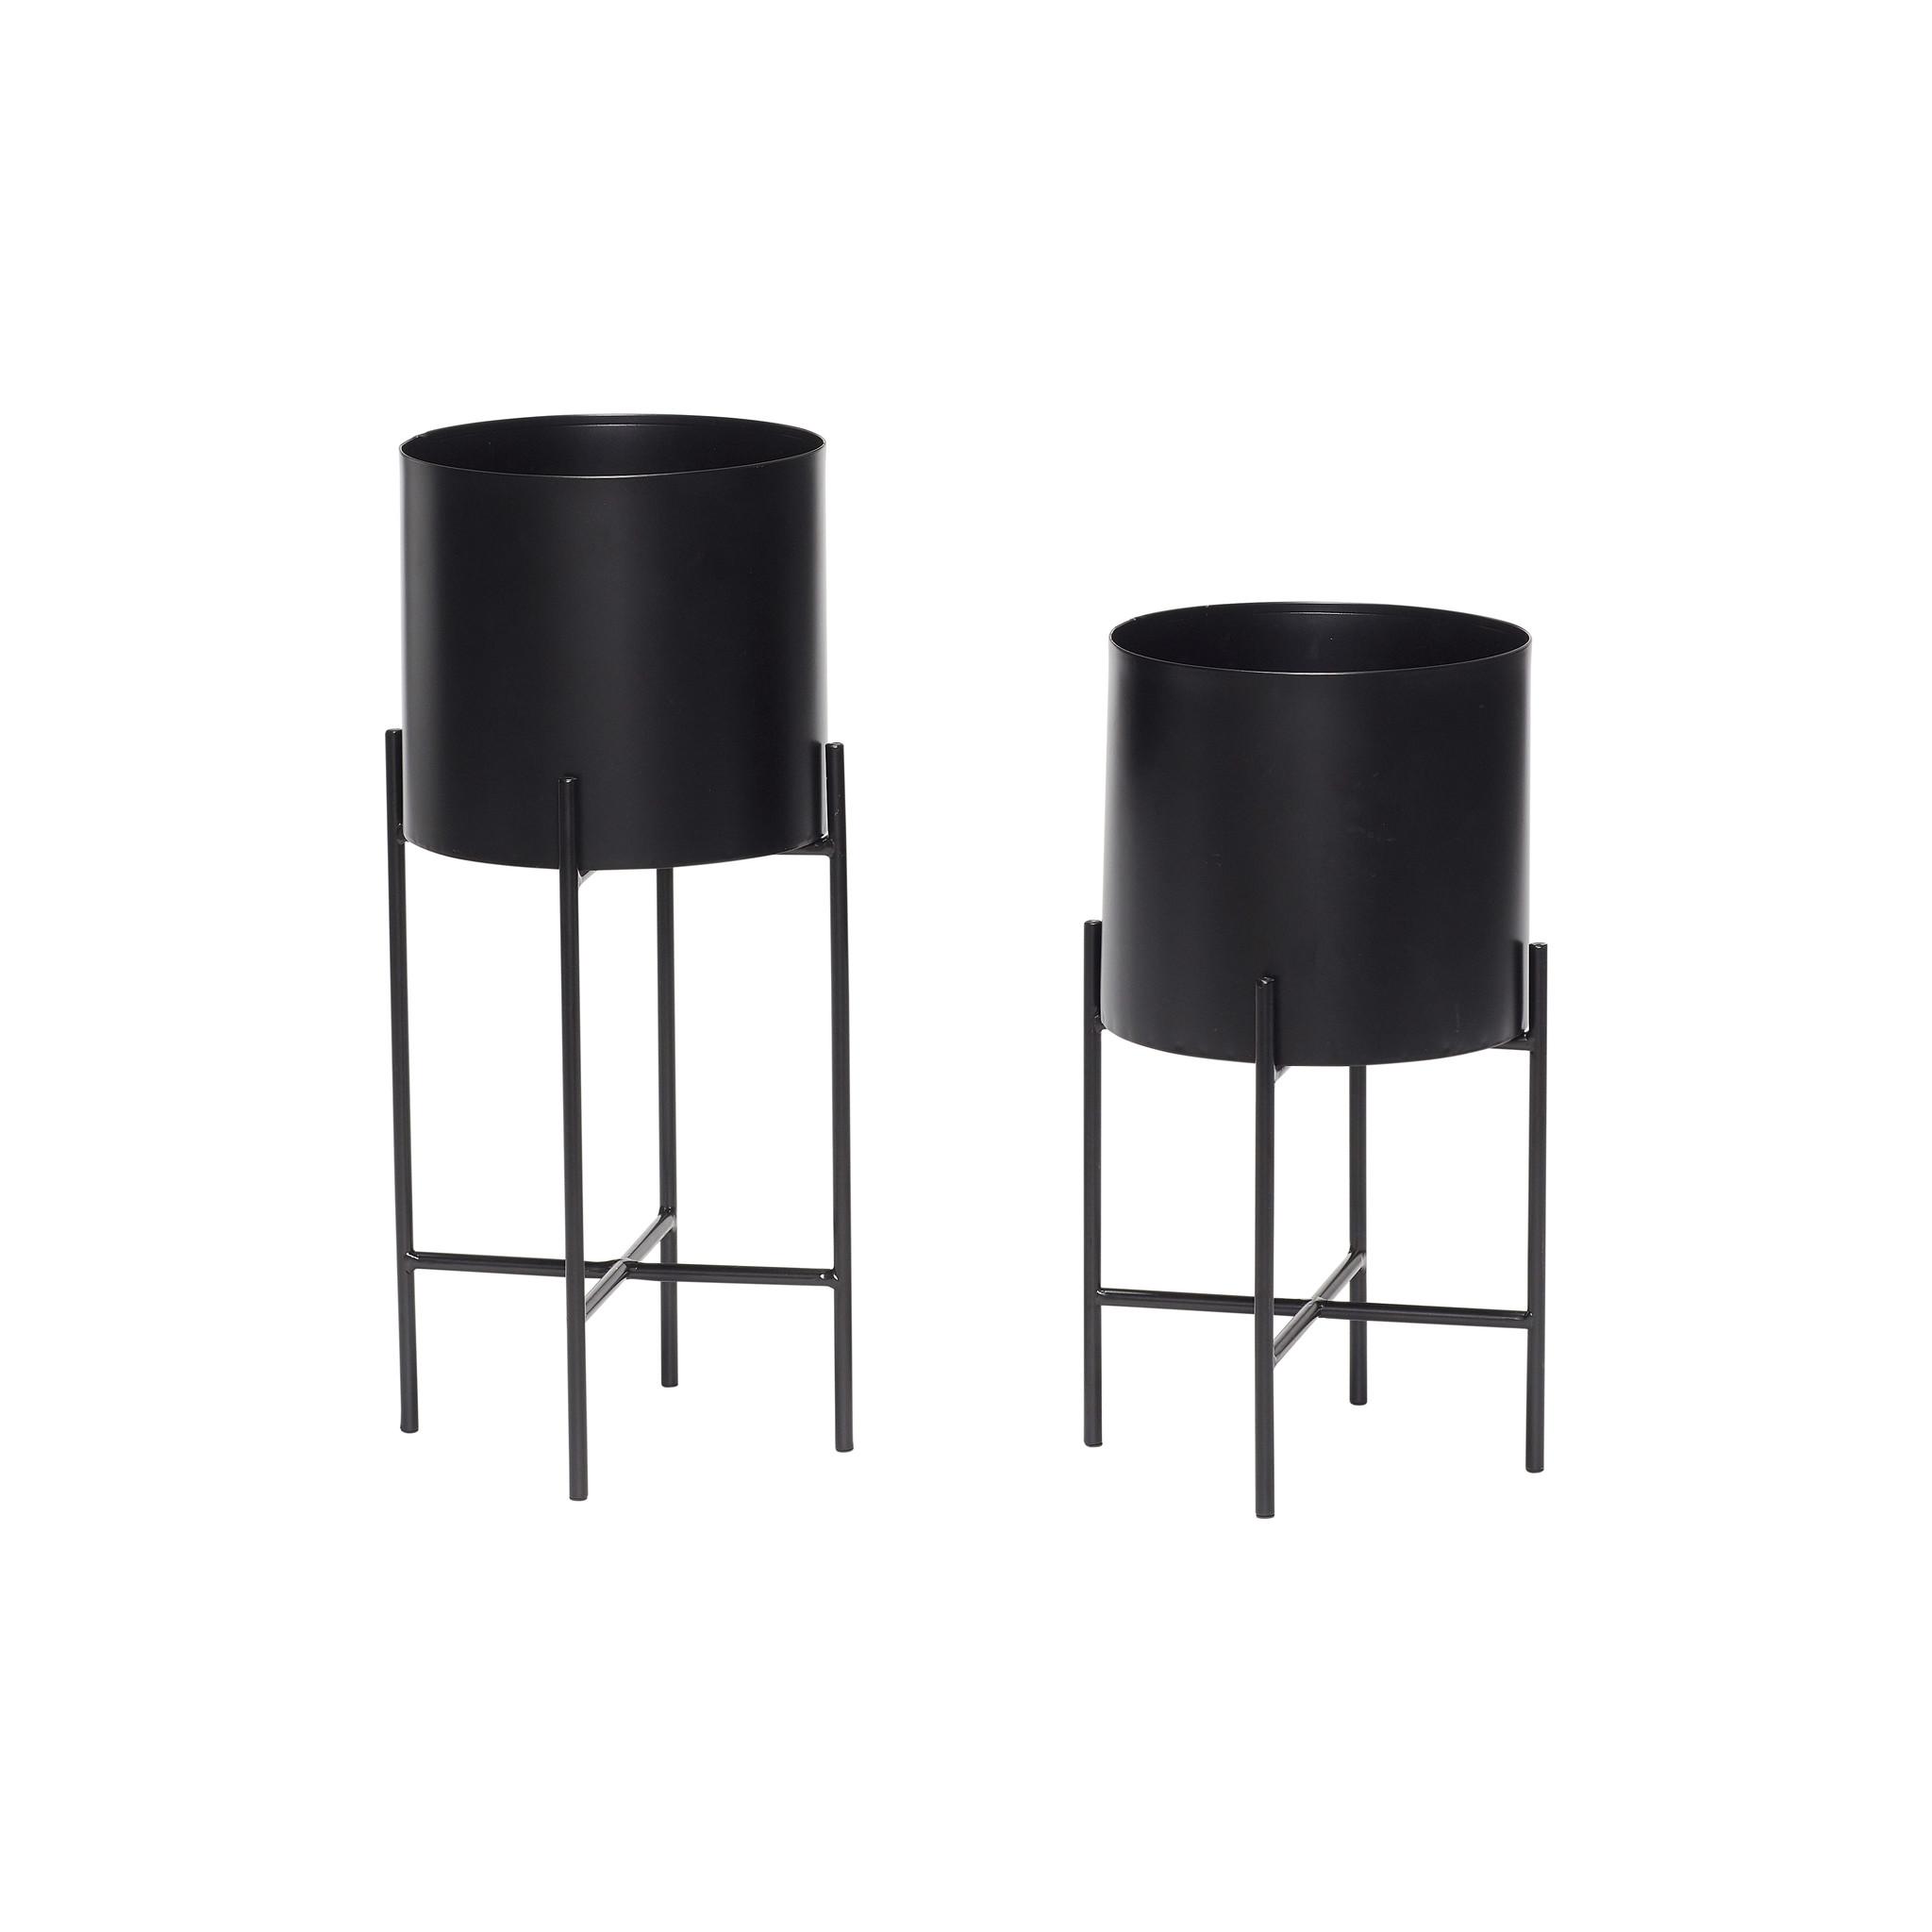 Hubsch Pot met standaard, metaal, zwart, set van 2-940601-5712772063217